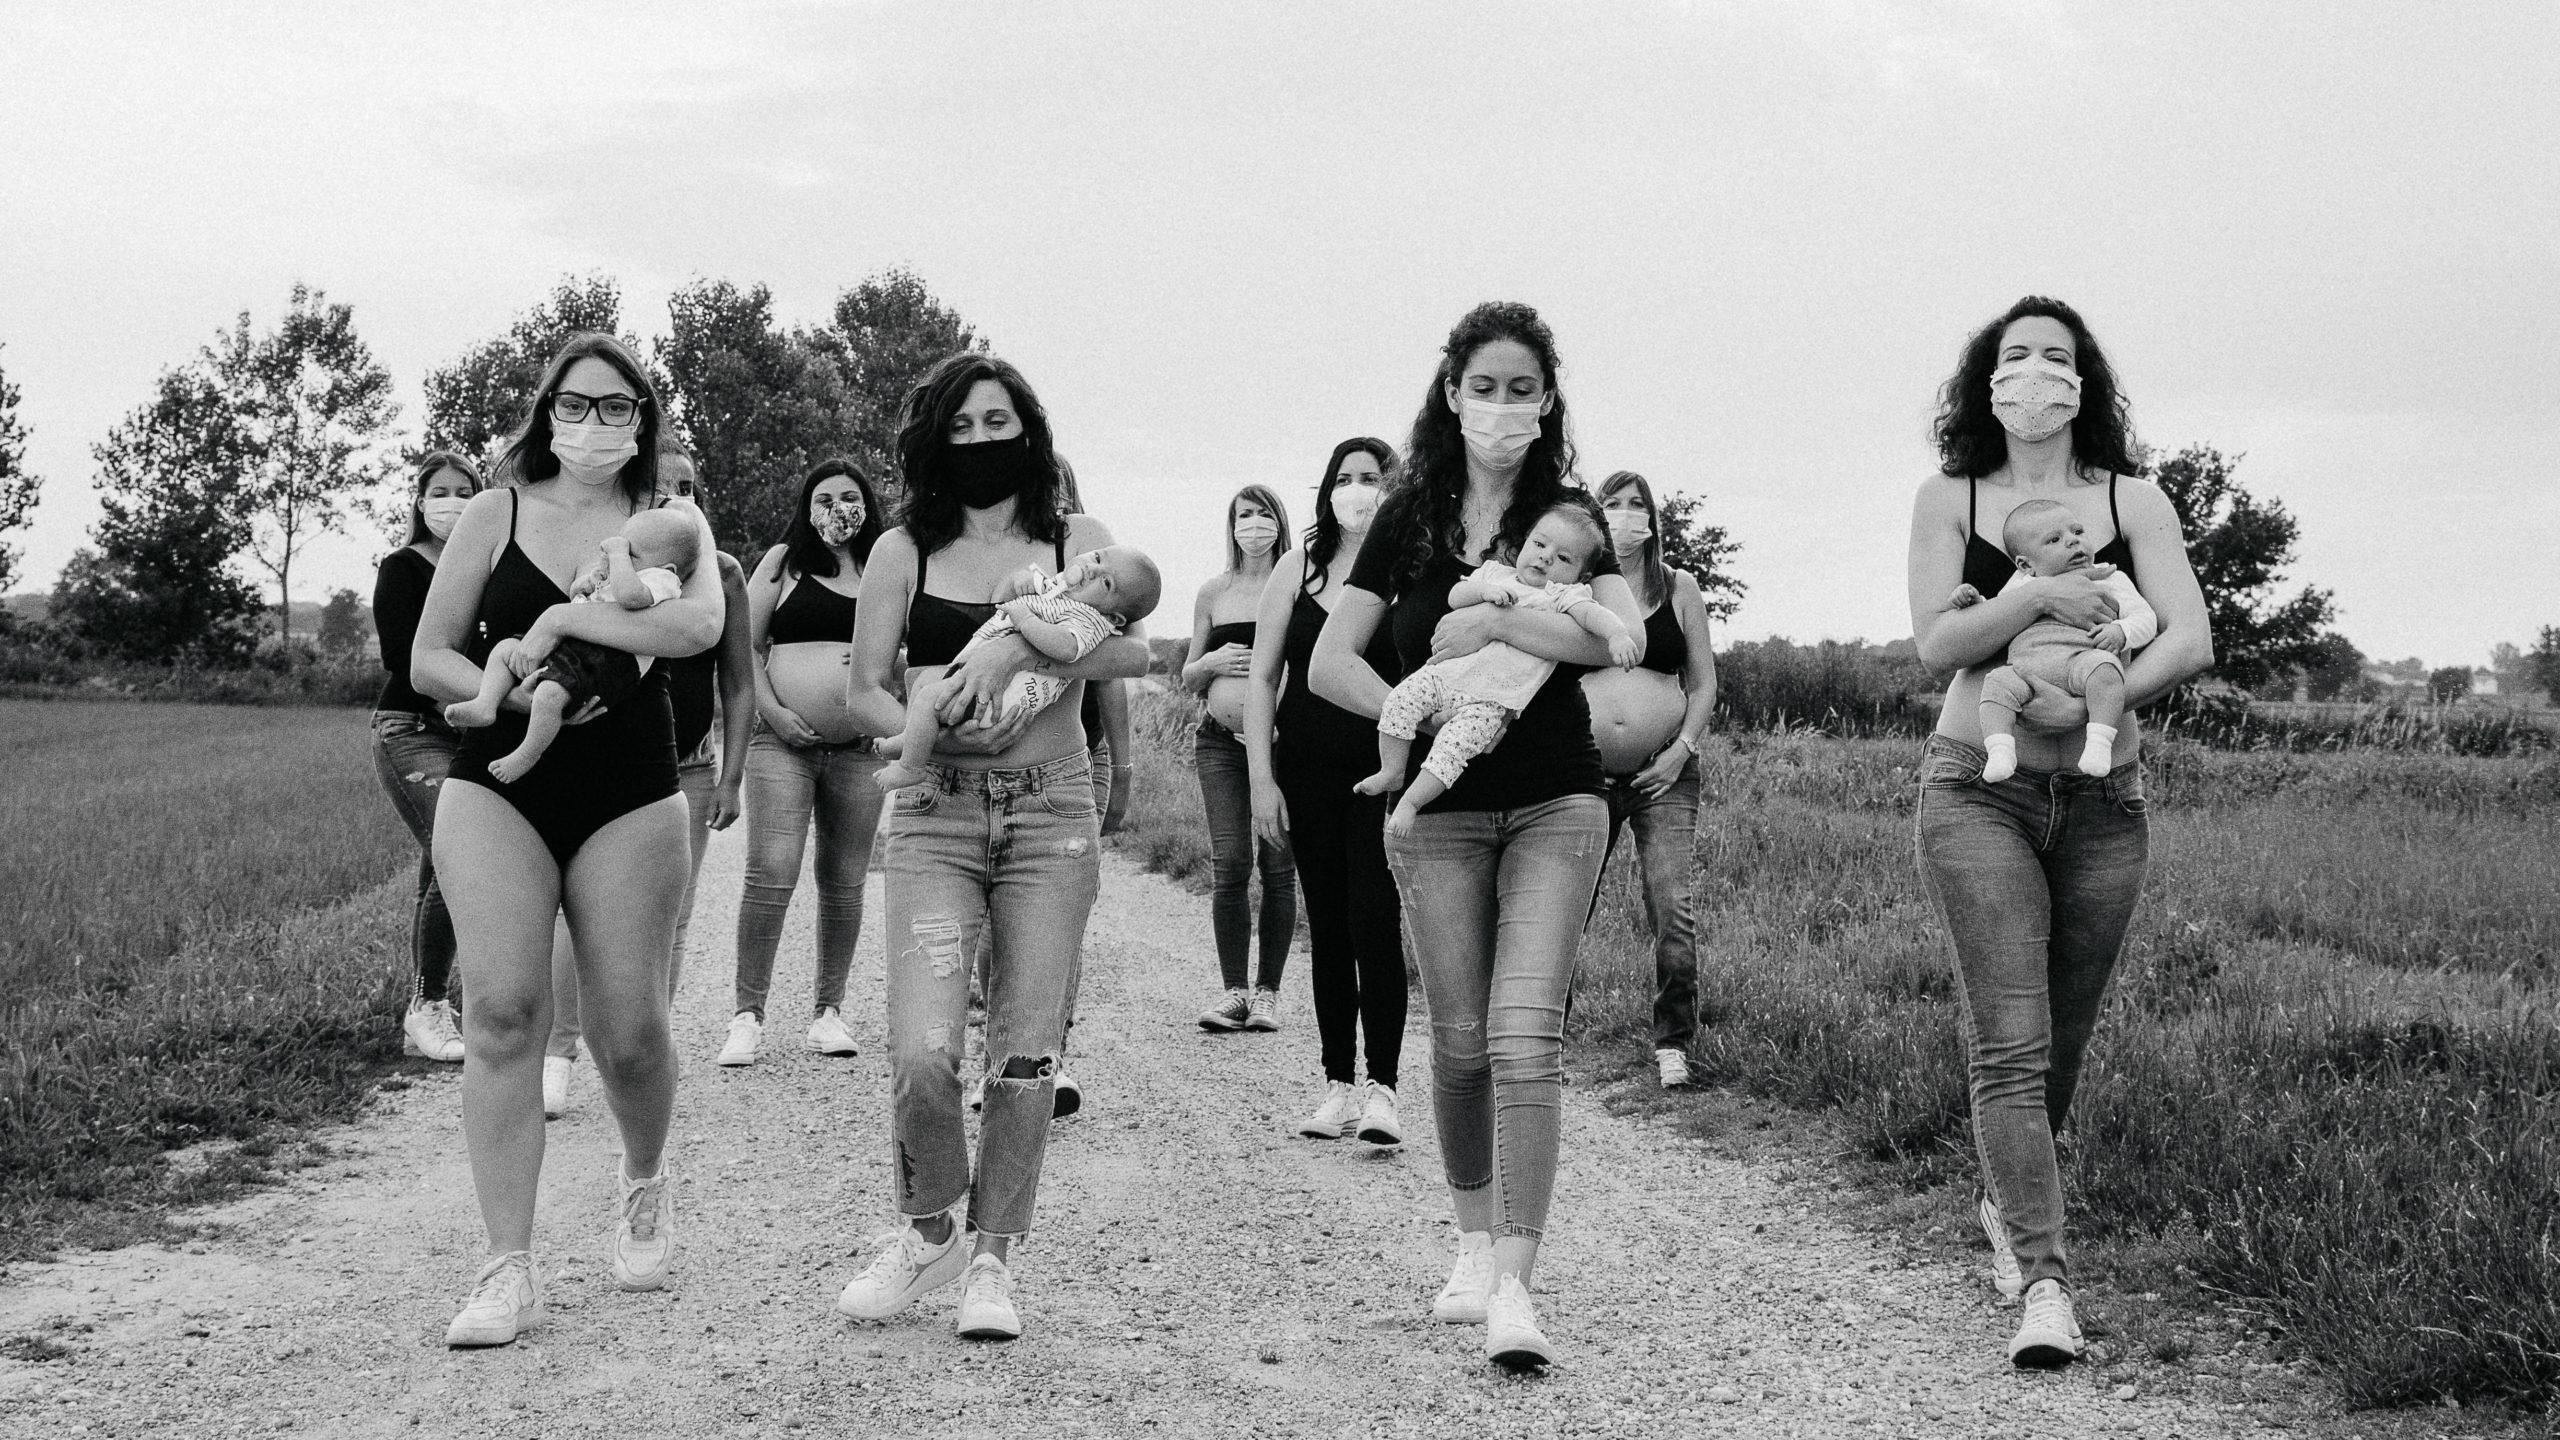 Diventare mamme al tempo del Covid-19: 13 donne unite tra paura e gioia